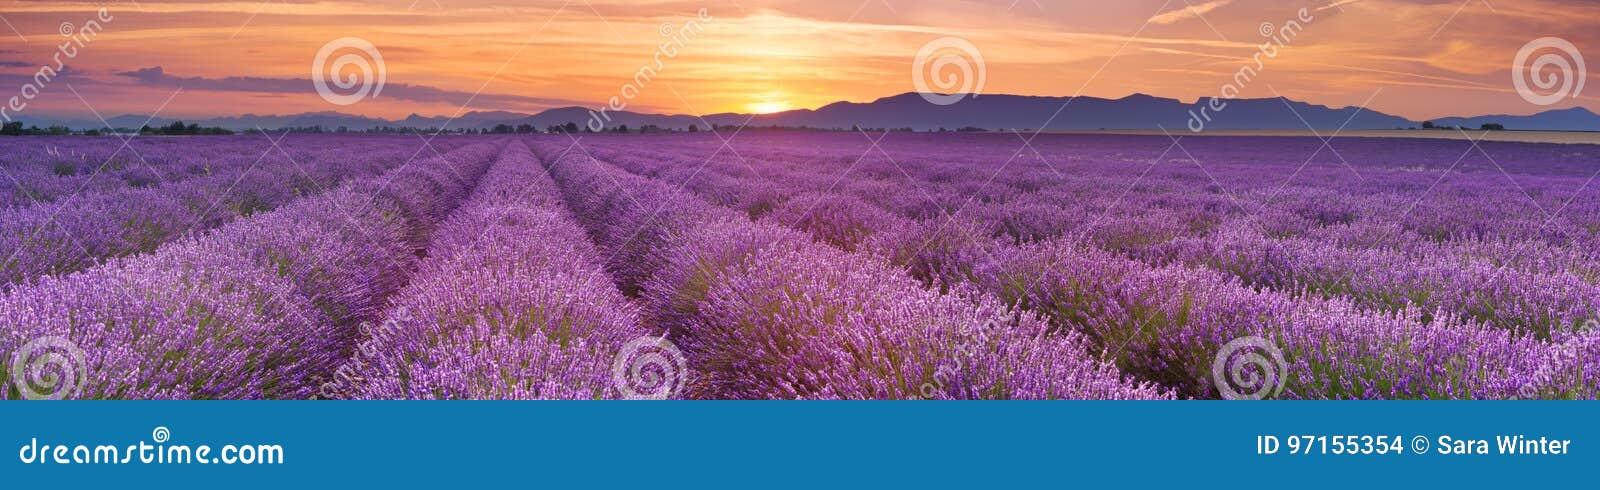 Zonsopgang over gebieden van lavendel in de Provence, Frankrijk